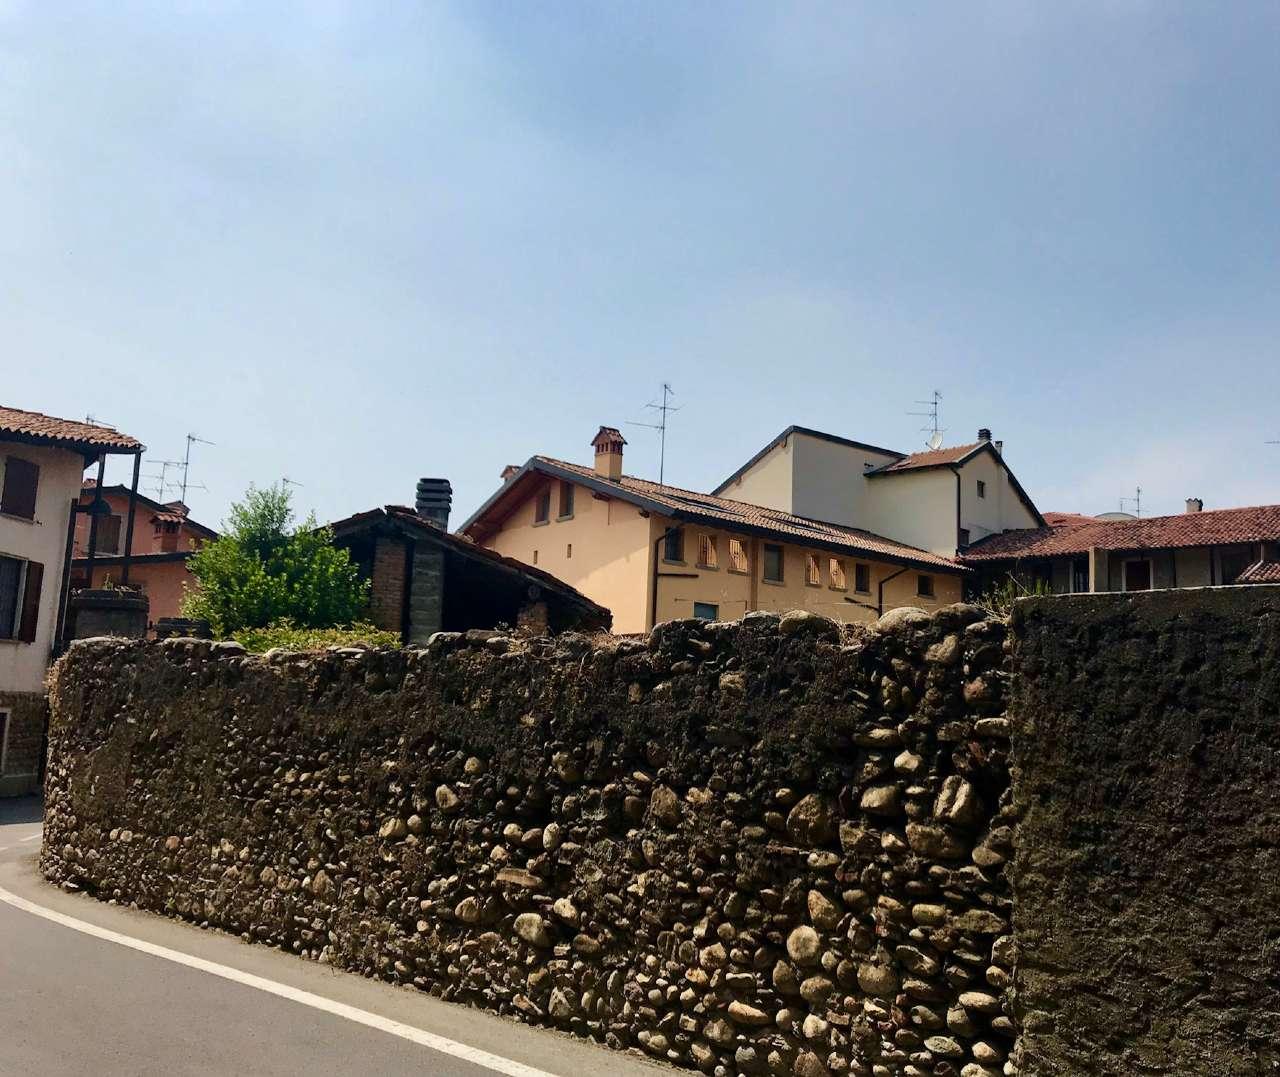 Soluzione Indipendente in vendita a Curno, 12 locali, prezzo € 350.000 | CambioCasa.it